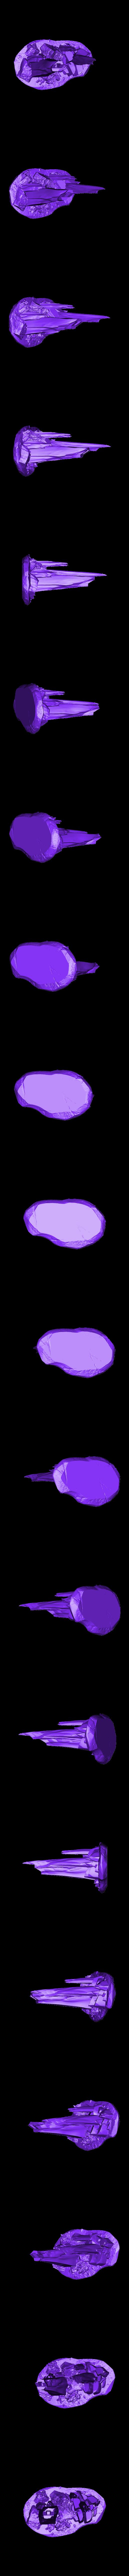 Rocks_07B.stl Download STL file ROCKY TERRAIN • 3D printing object, Txarli_Factory